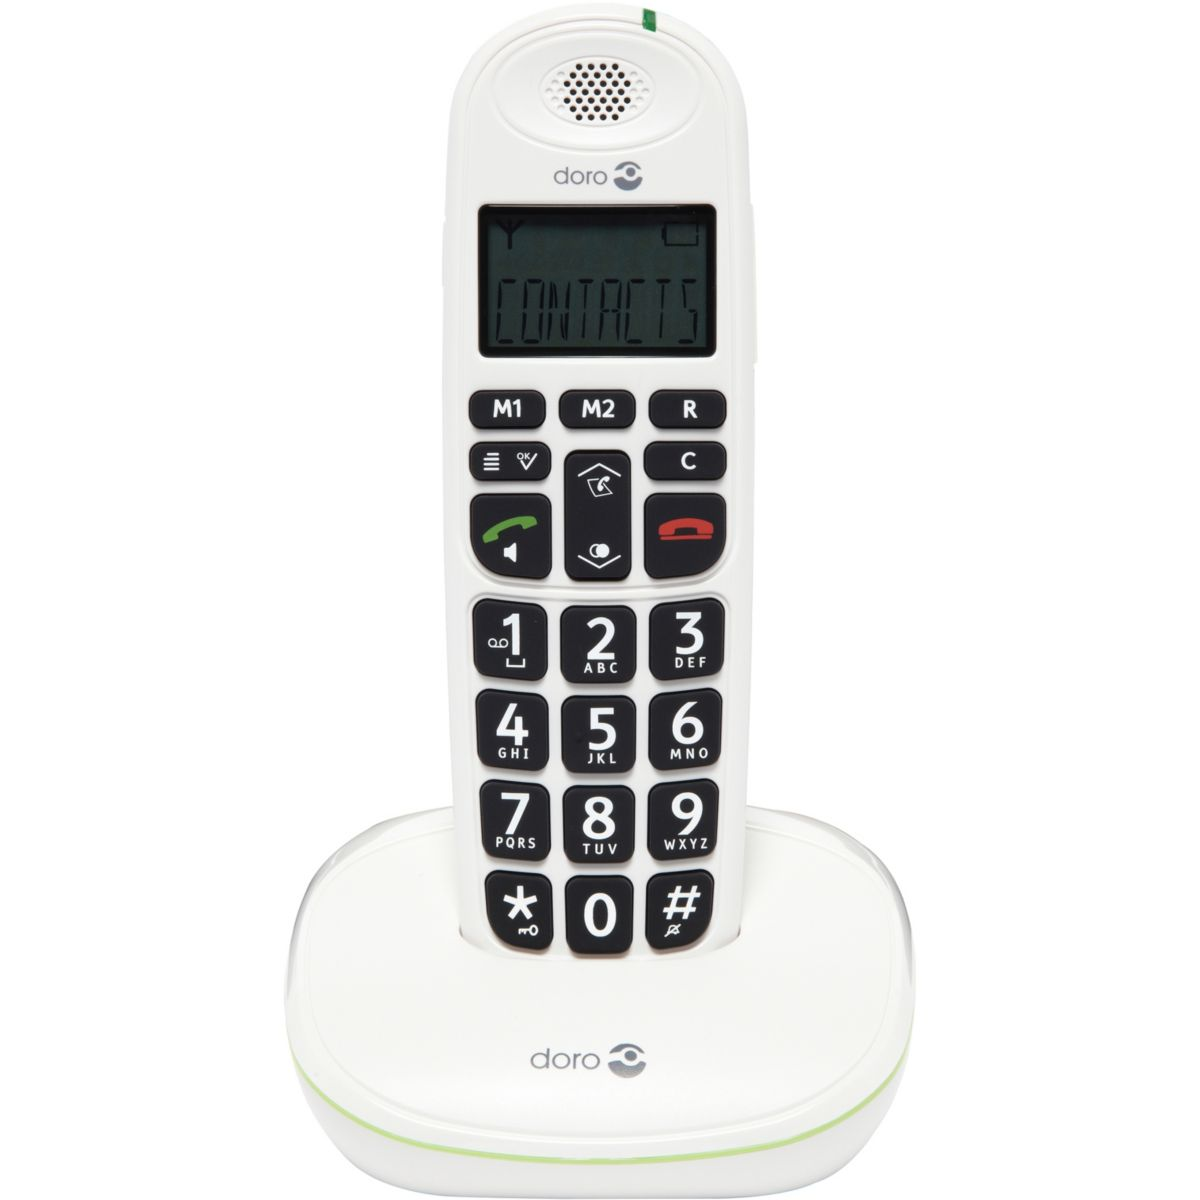 Téléphone répondeur sans fil duo doro 5541 phone easy 100w blanc - 3% de remise immédiate avec le code : multi3 (photo)